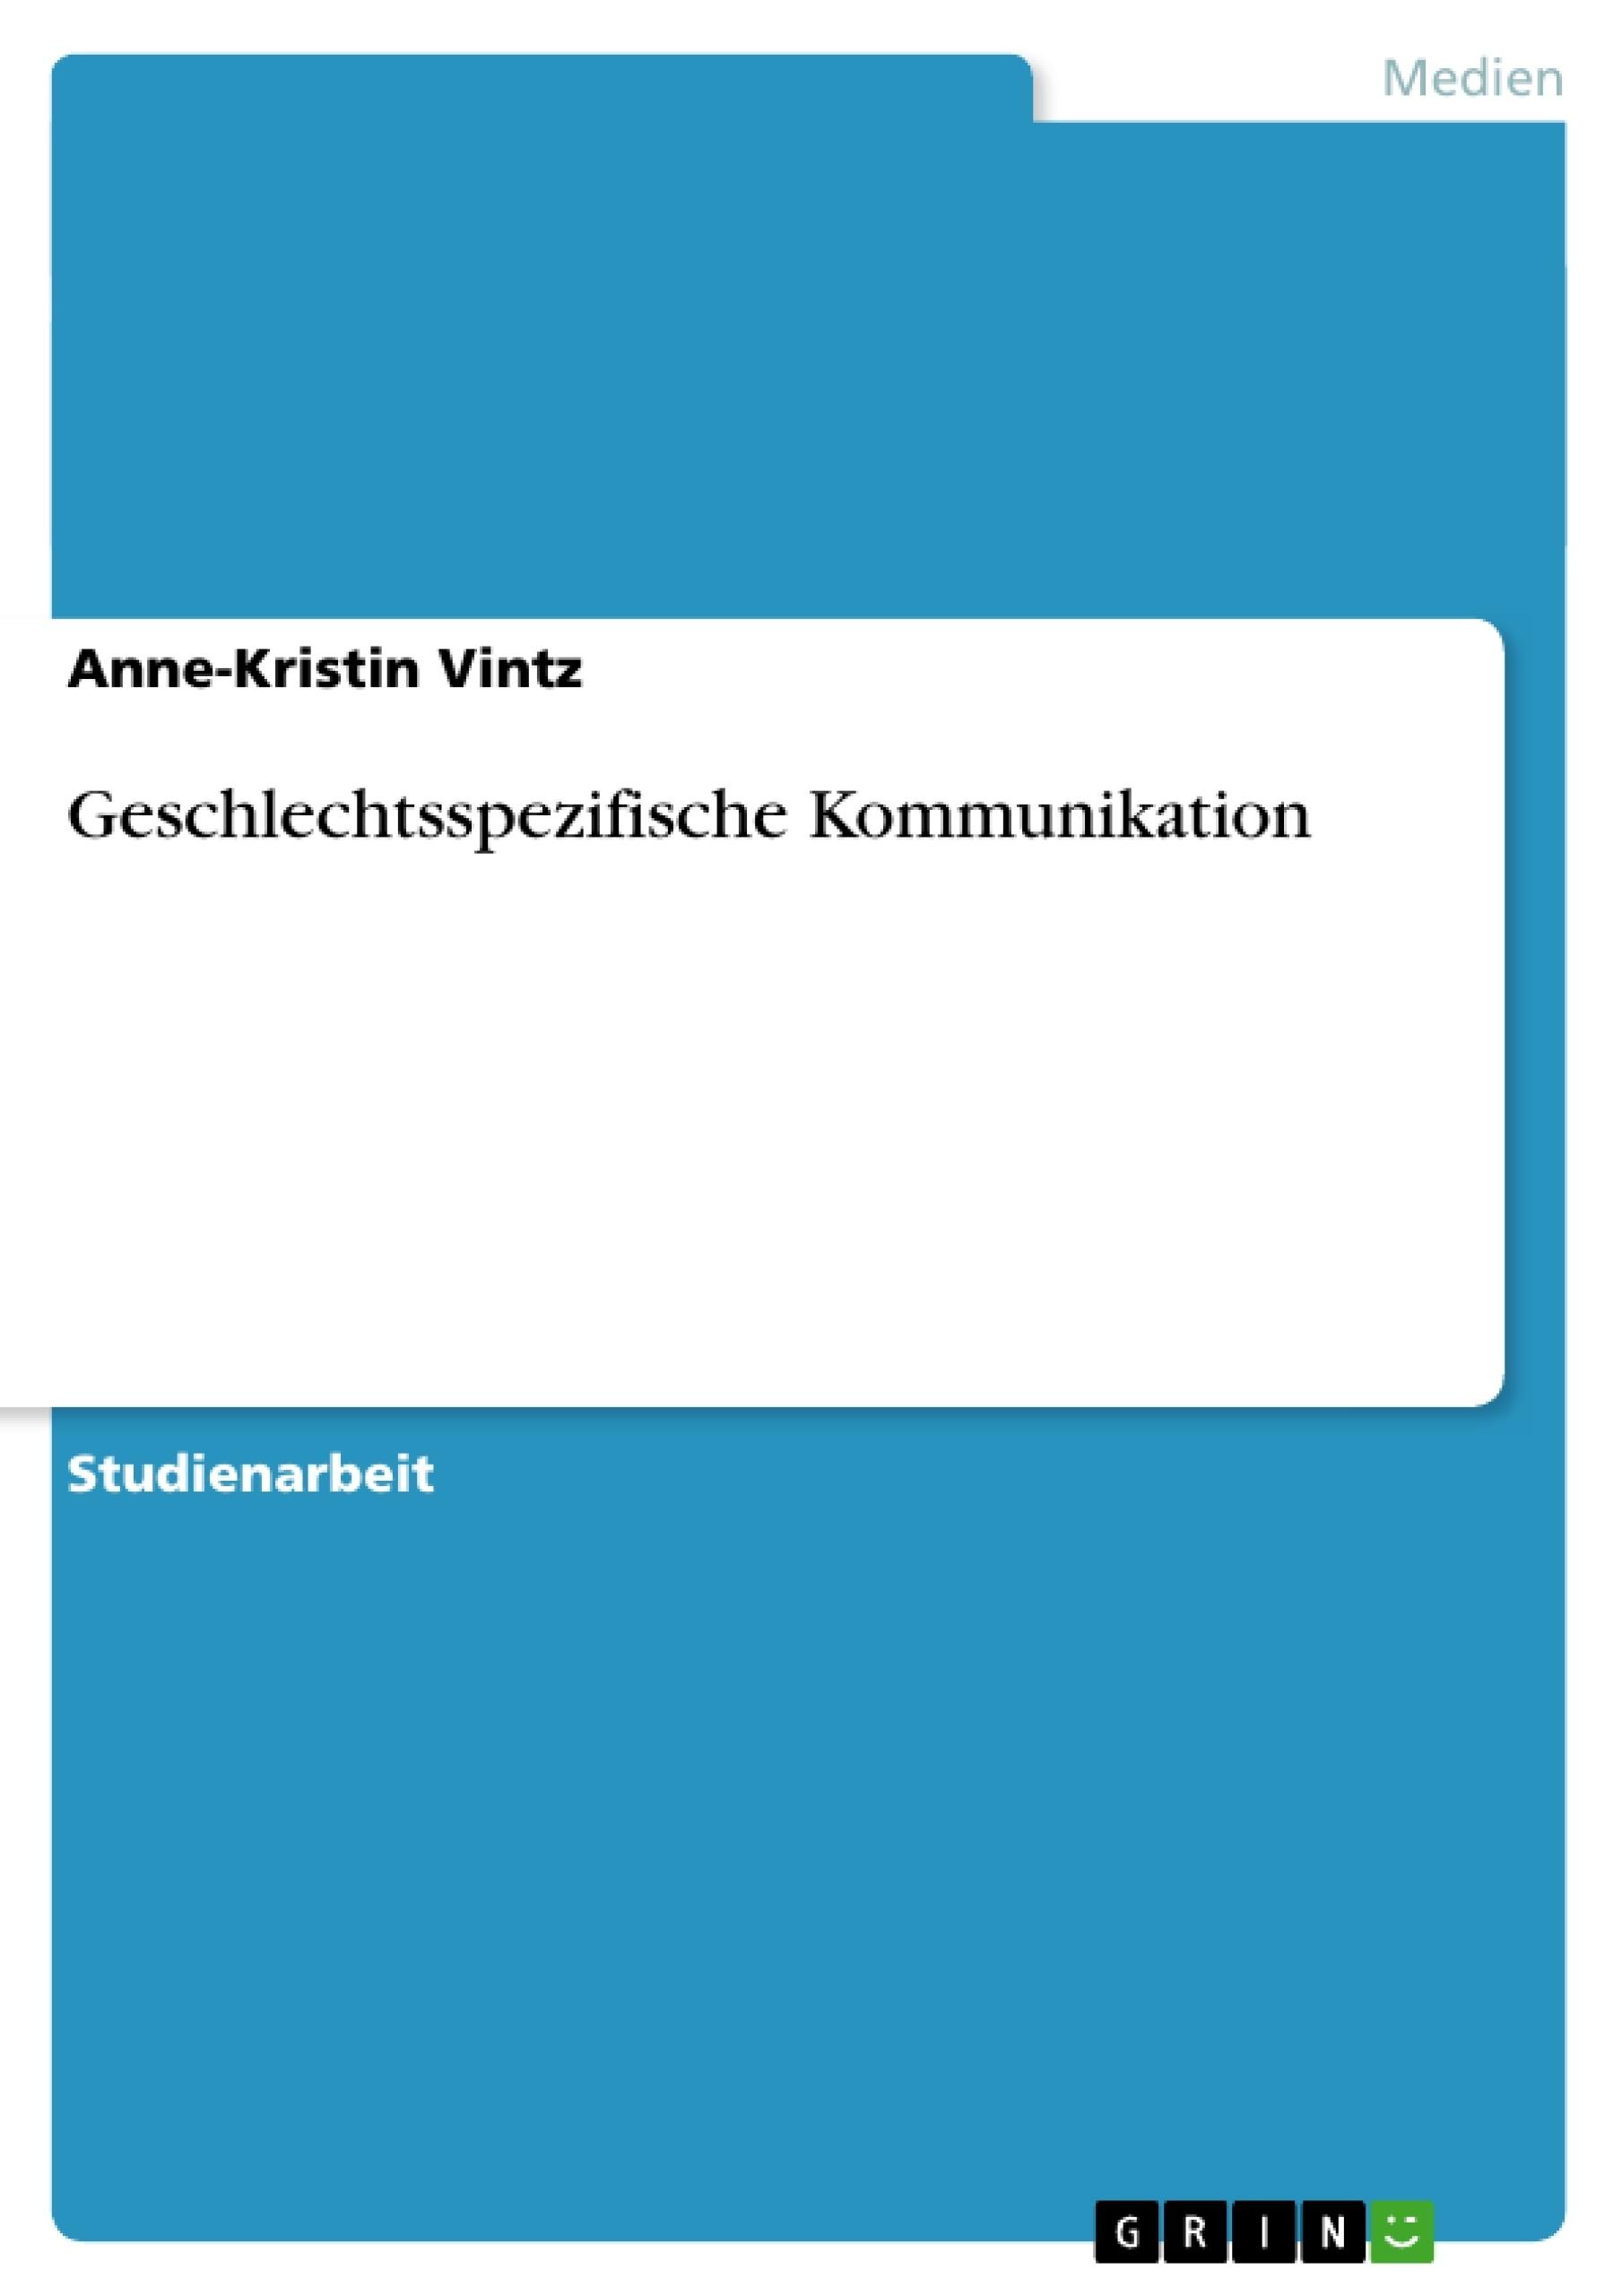 Titel: Geschlechtsspezifische Kommunikation